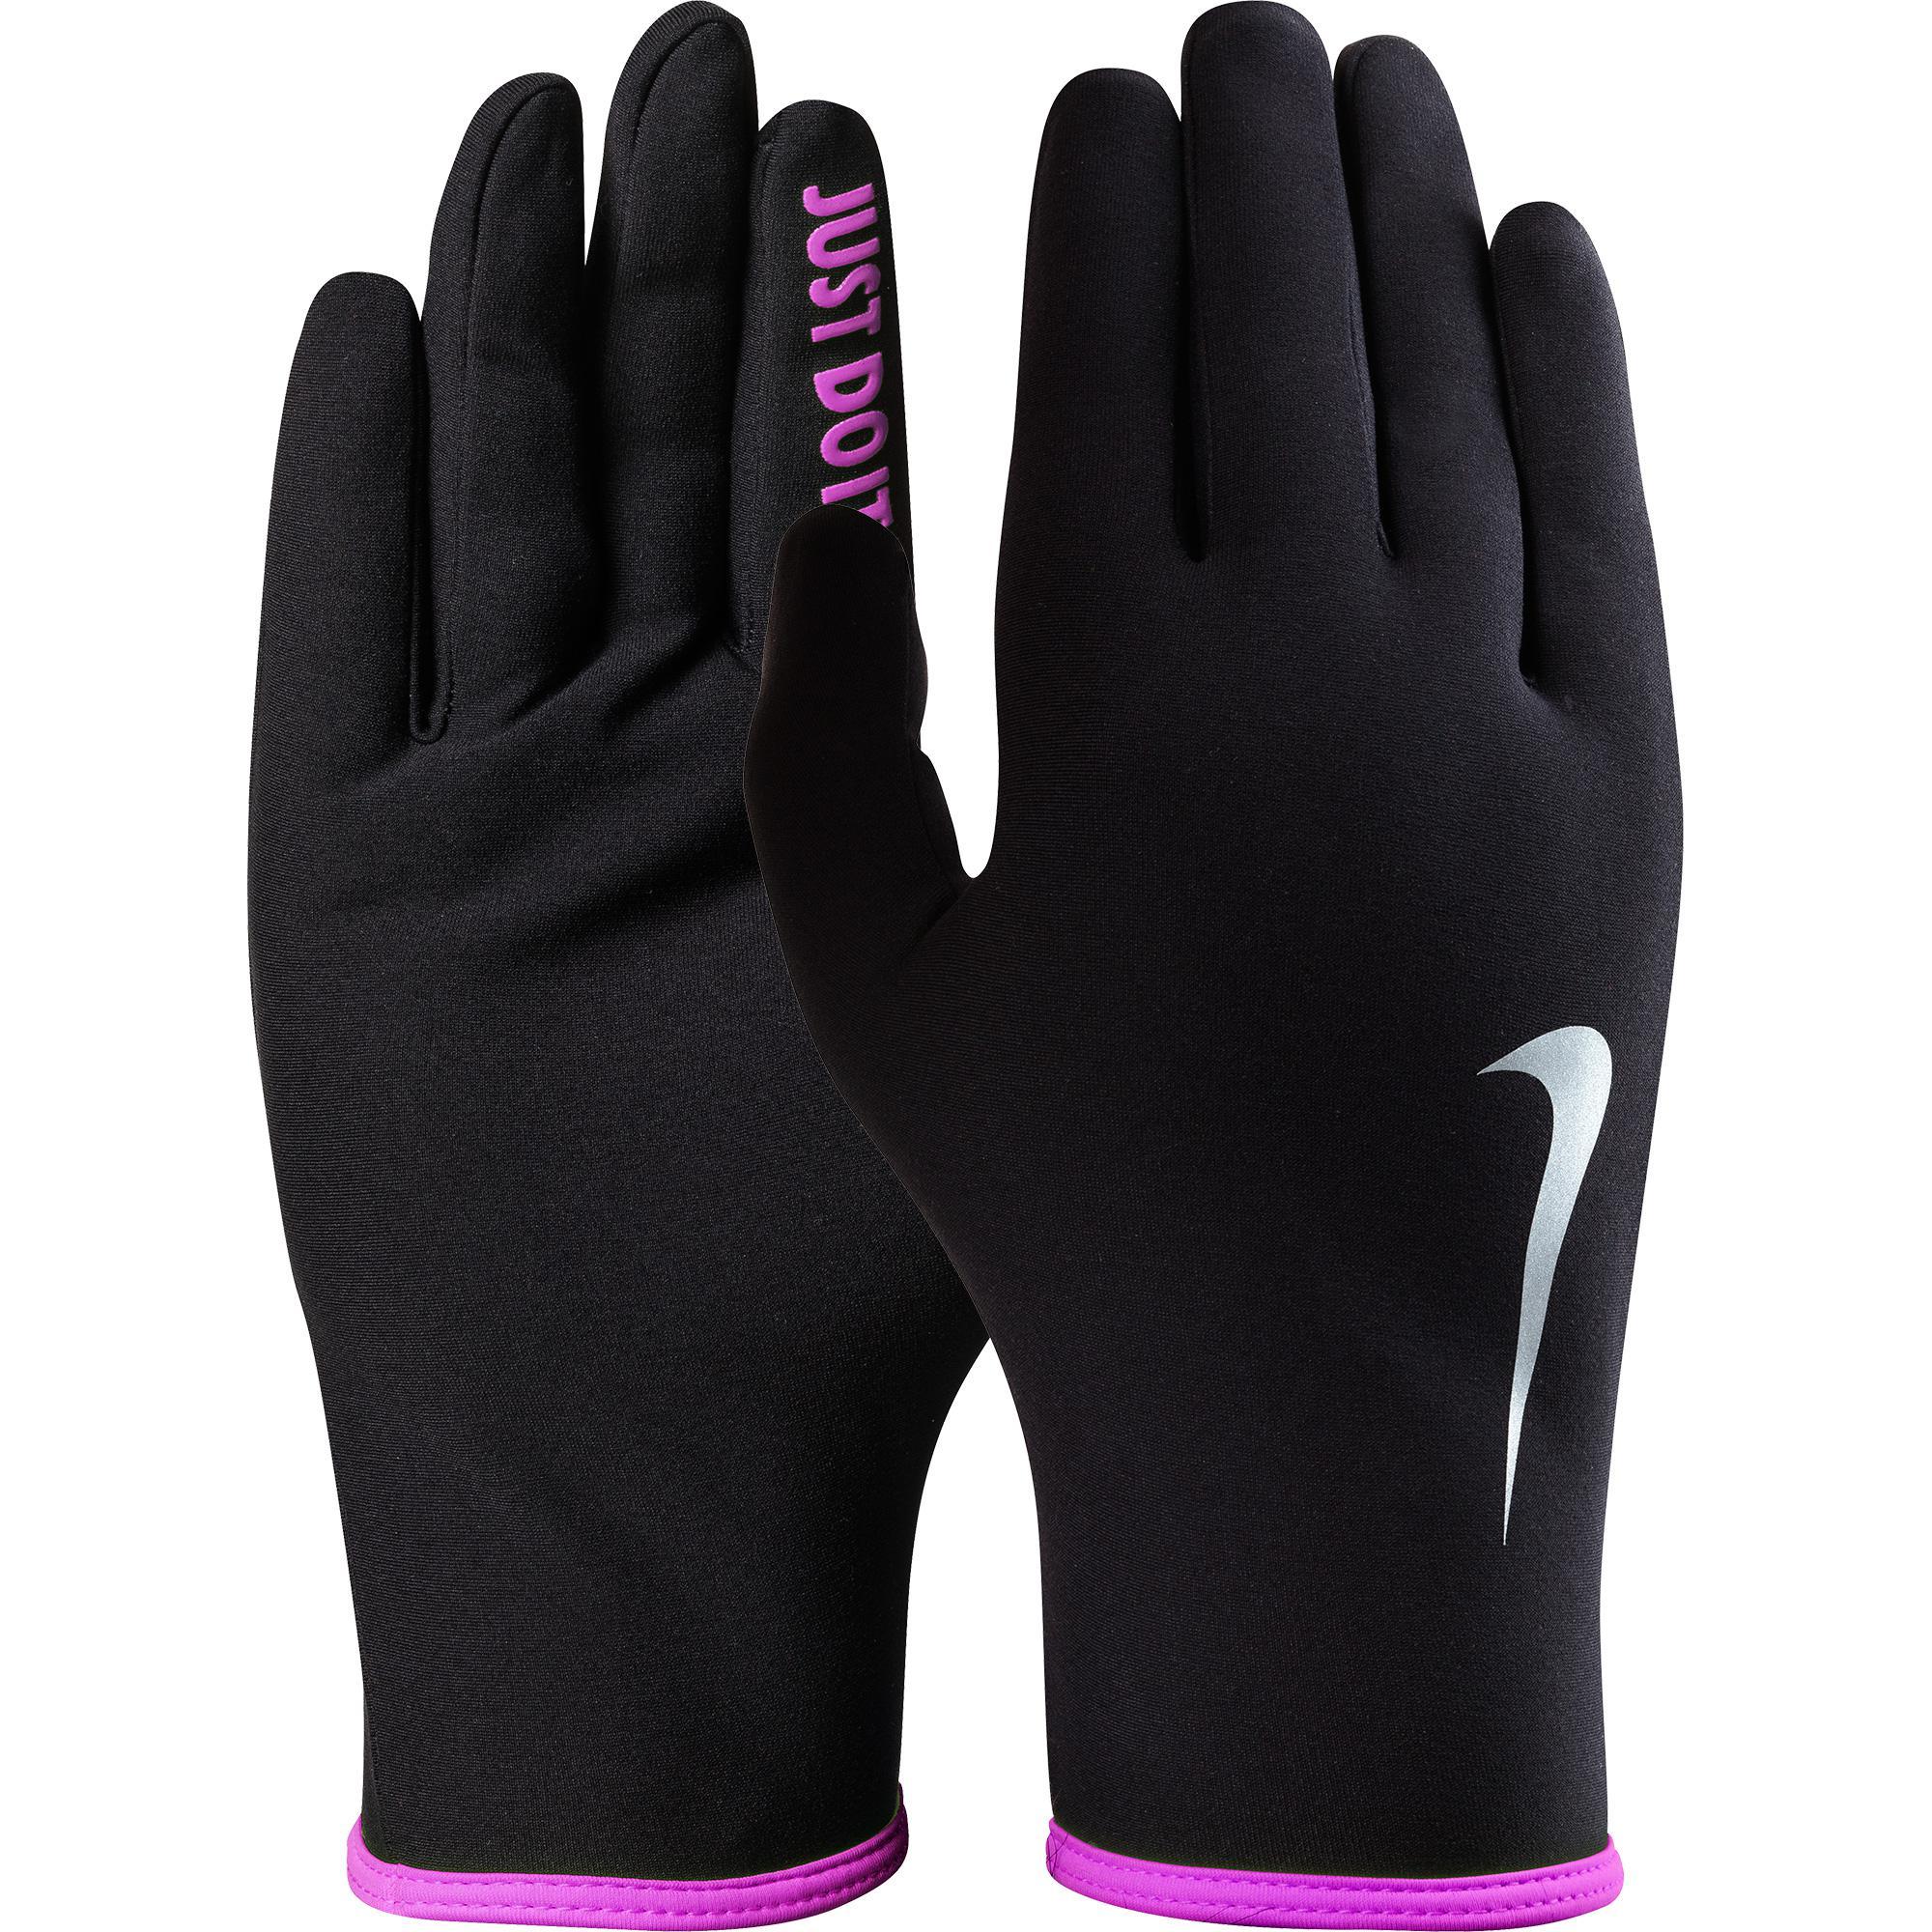 Nike Womens Lightweight Rival 2.0 Running Gloves BlackPink